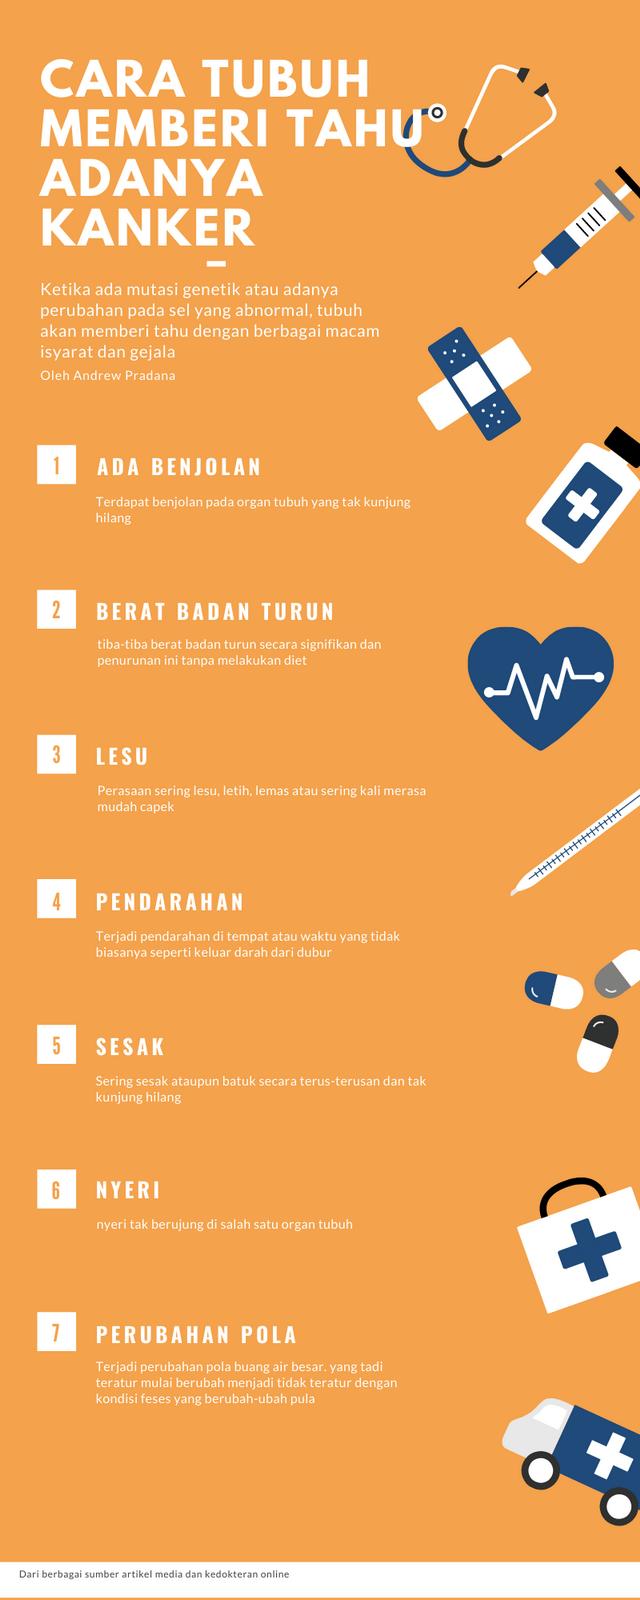 cara mencegah kanker - gejala